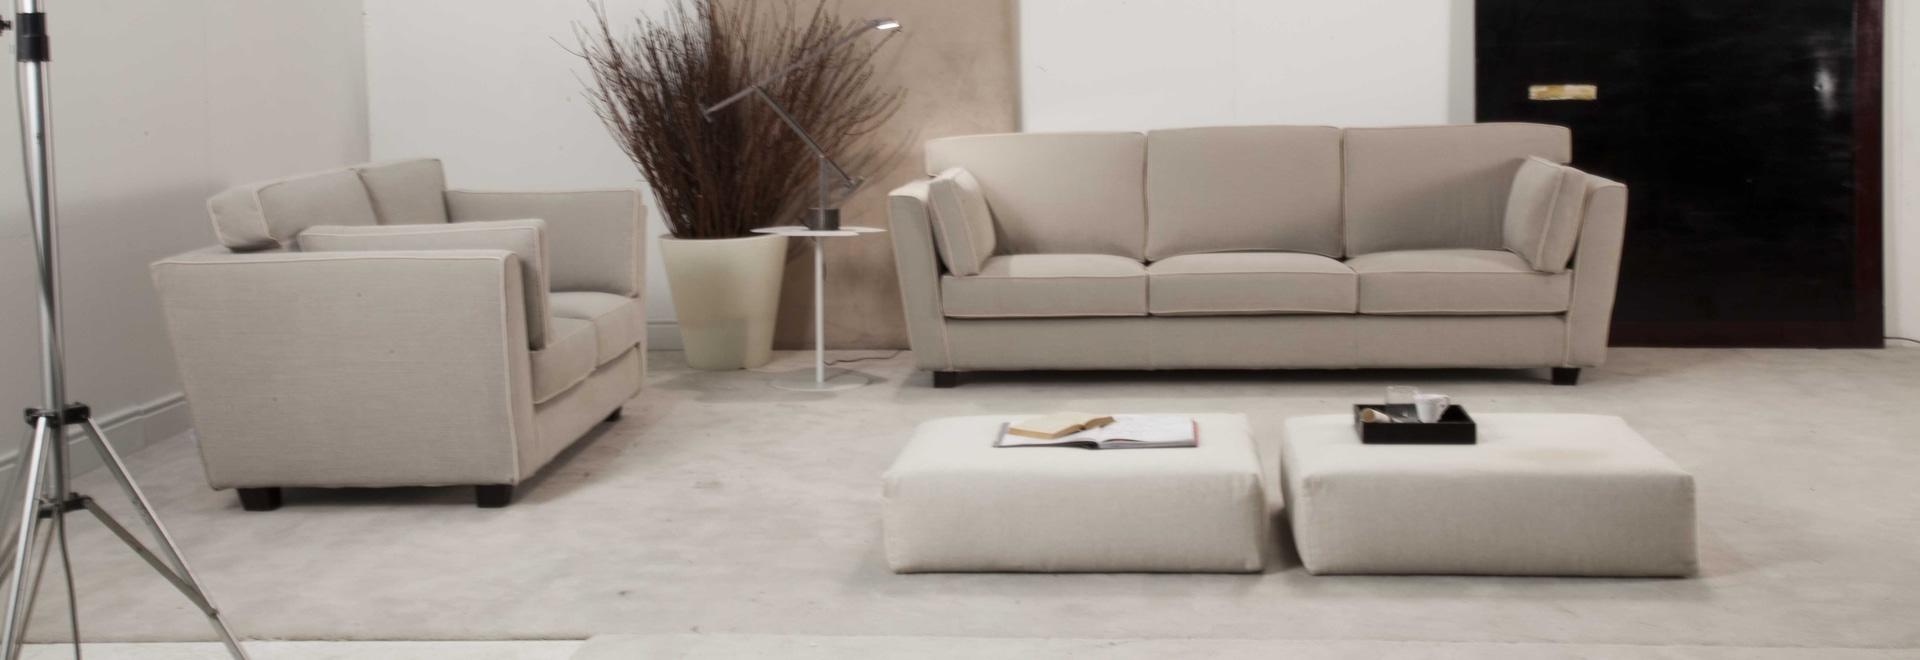 Artigiano modern sofa